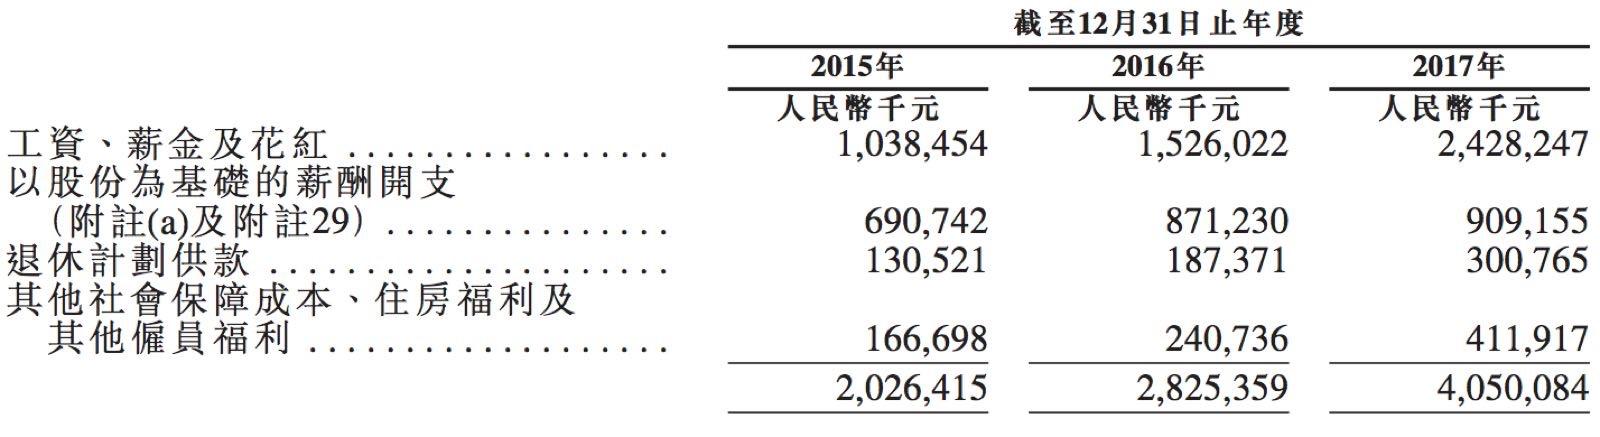 小米的员工薪酬及福利开支。